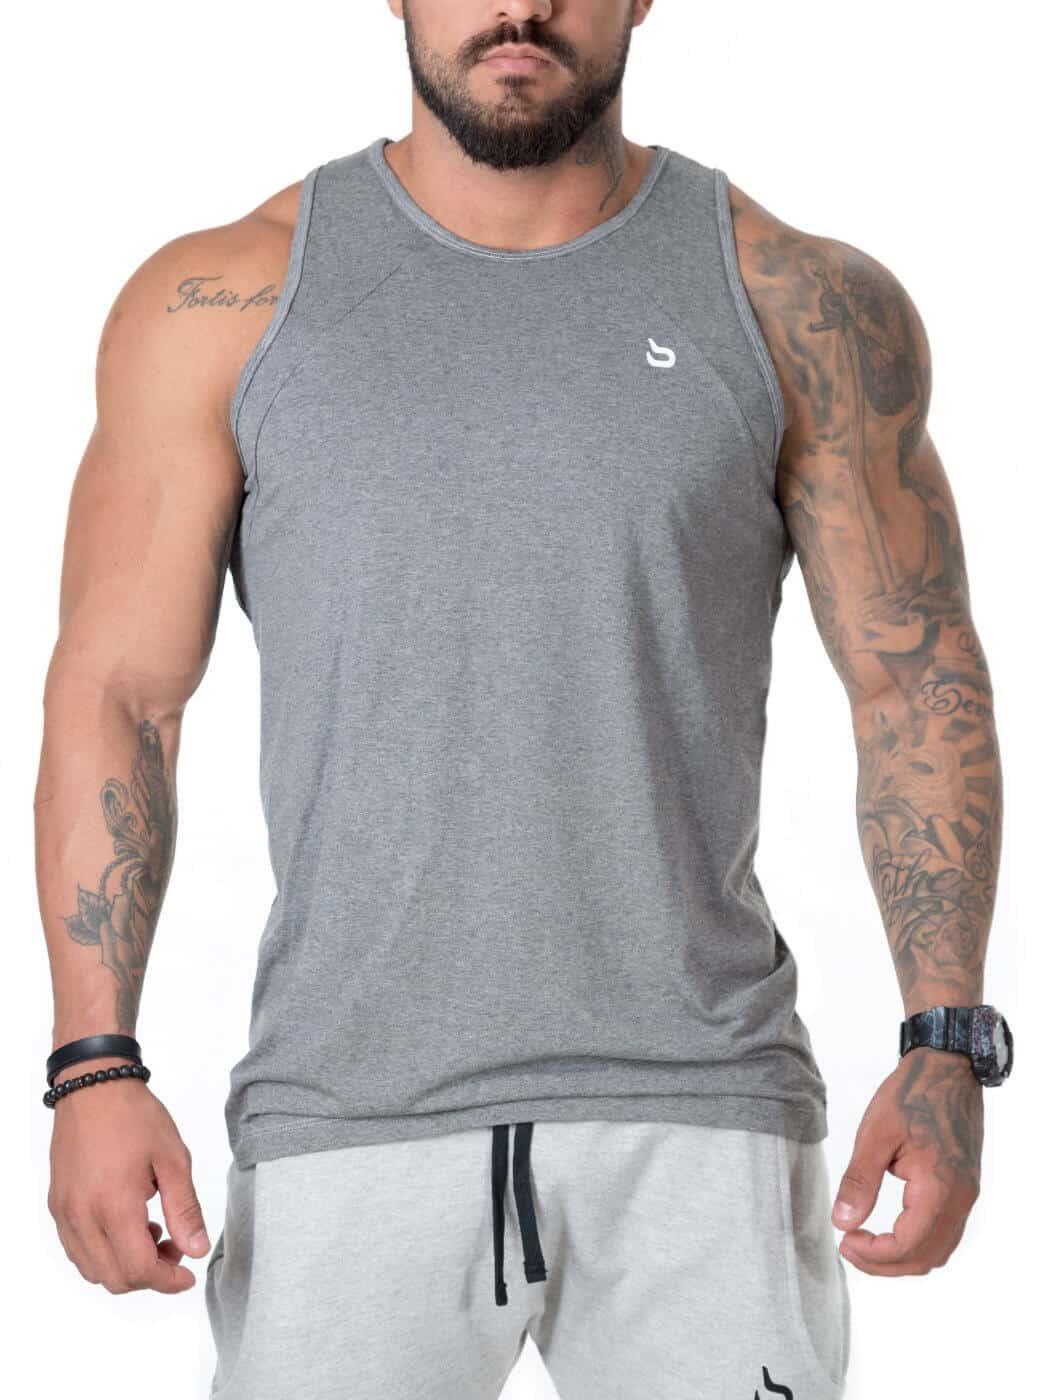 Regatas Masculinas Fitness - barbell Brasil d2ac9677d951e